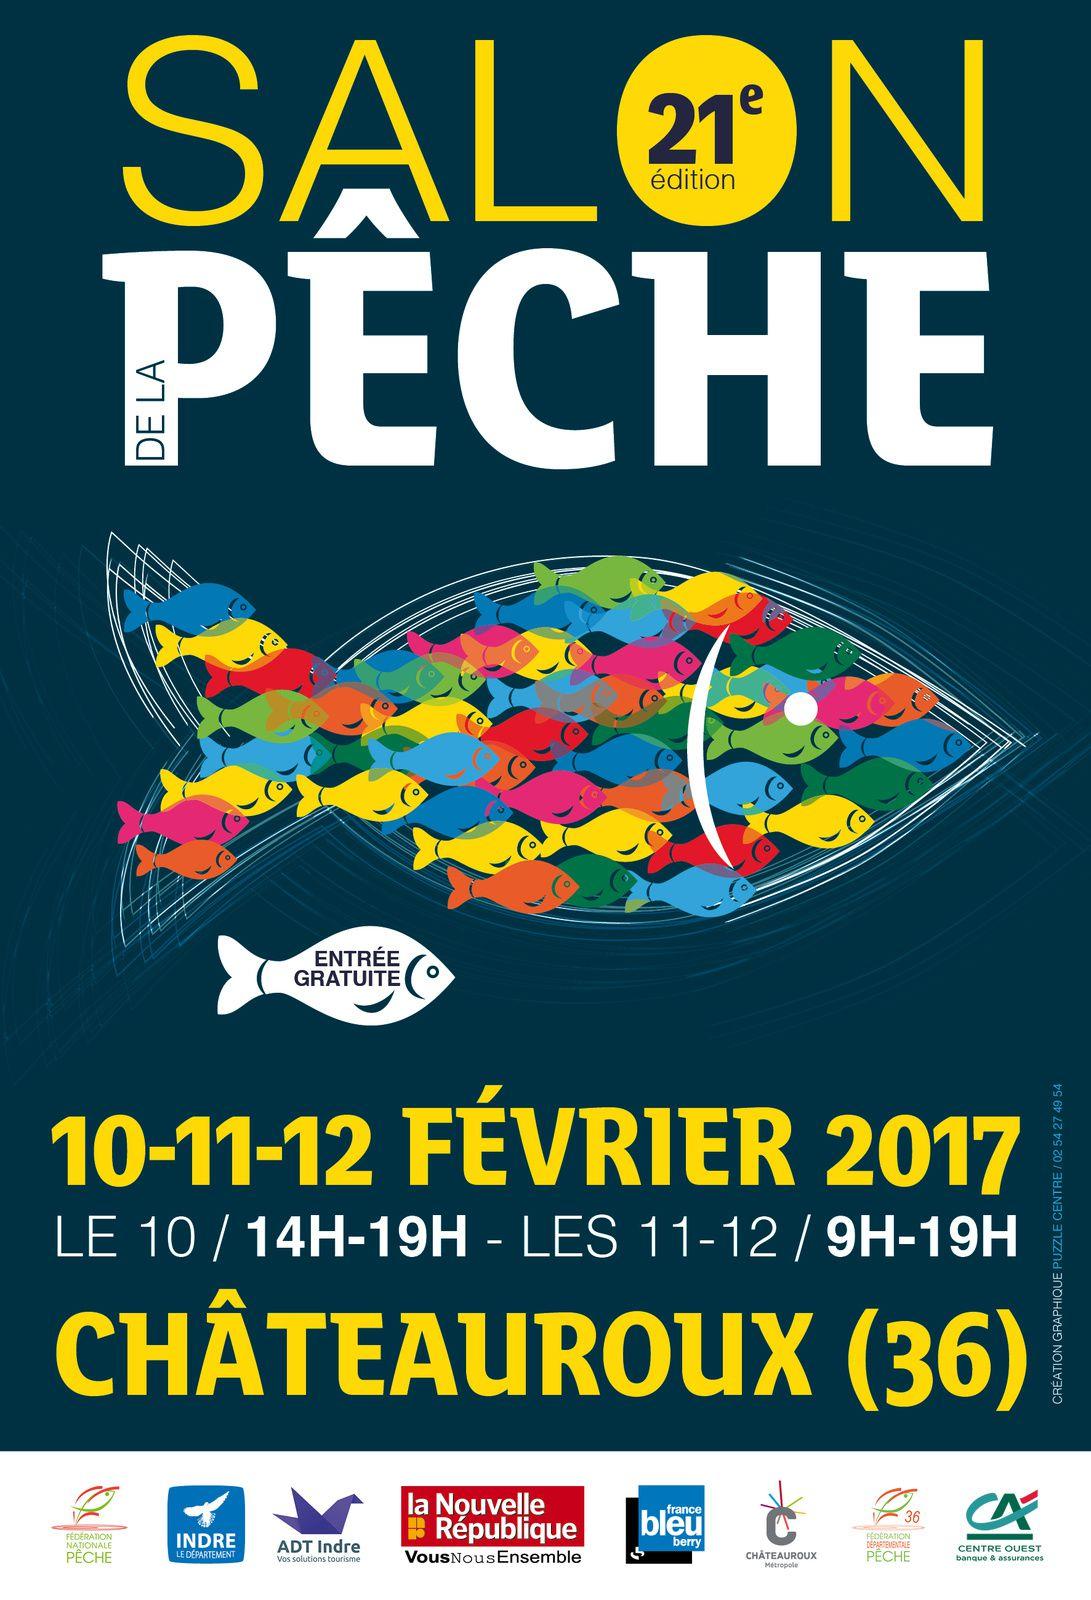 Salon de la p che de ch teauroux 2017 21 me dition for Salon de la podologie 2017